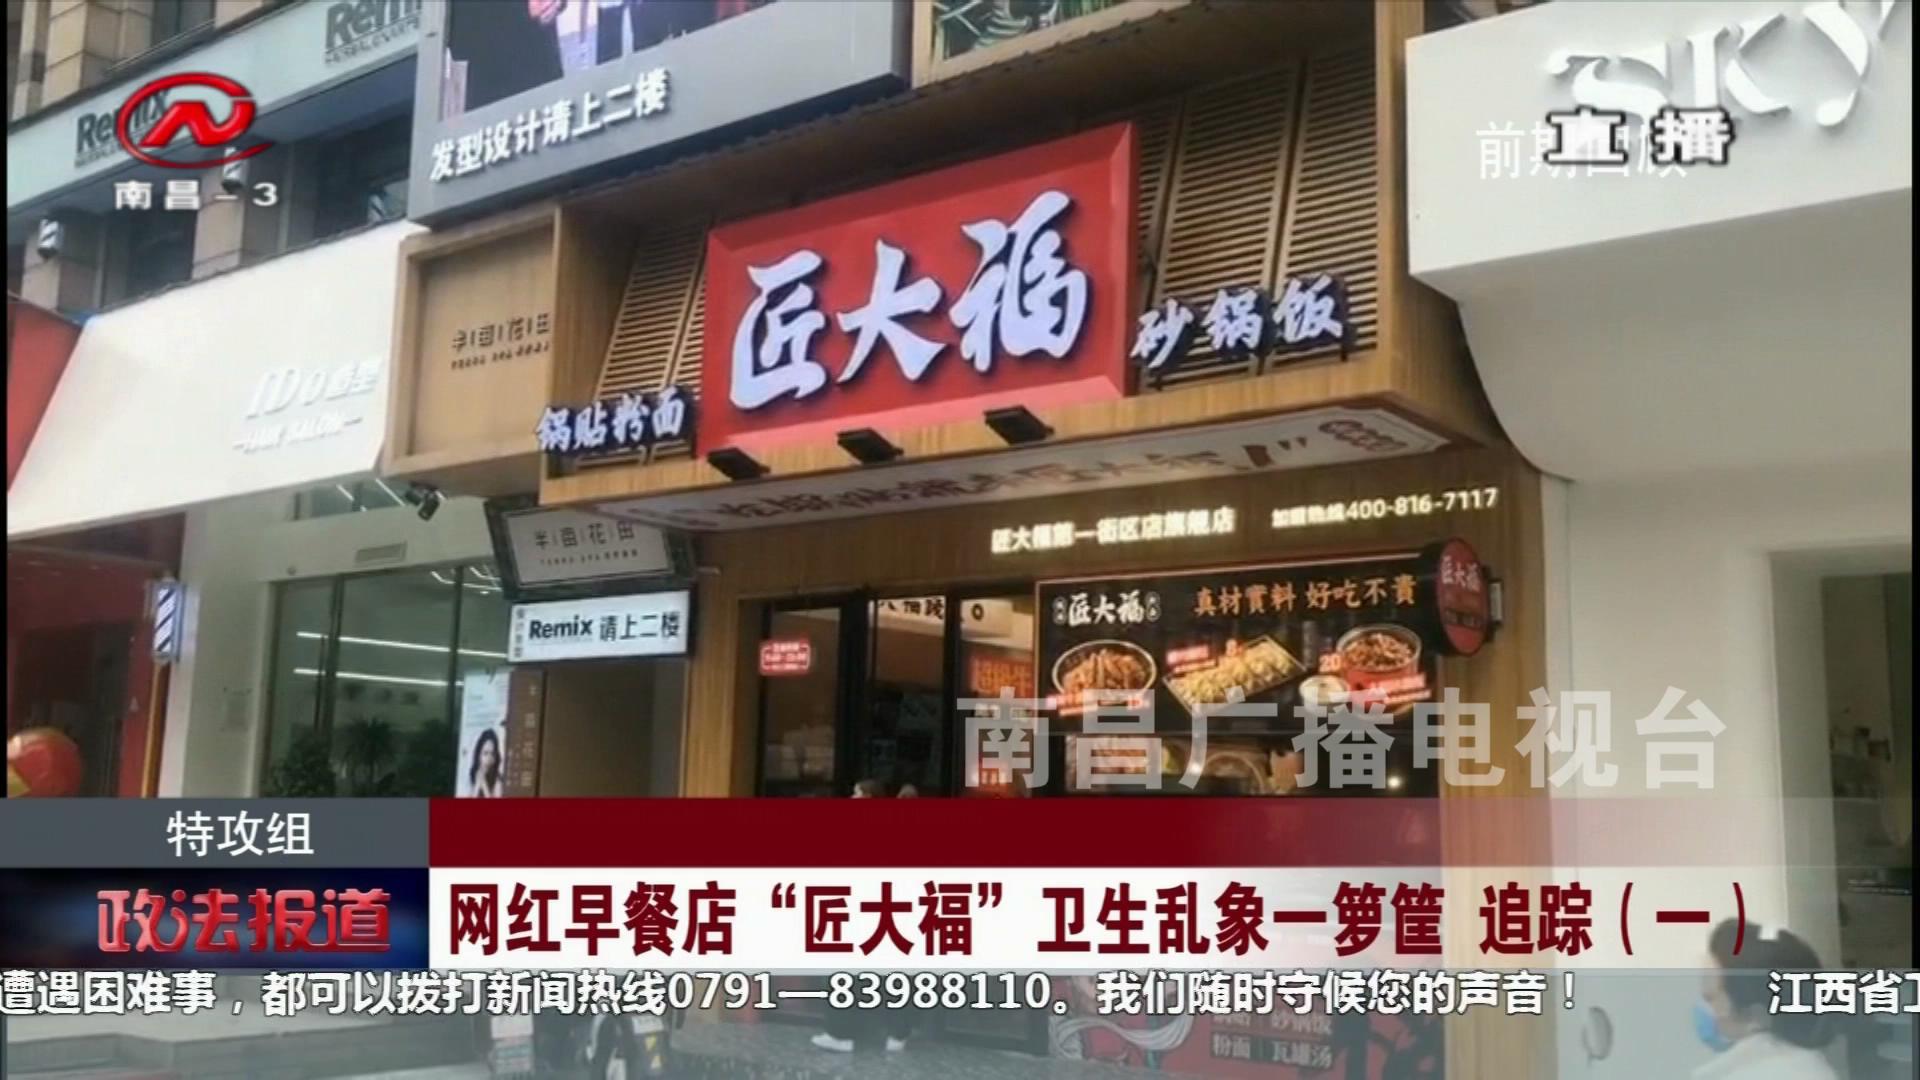 """網紅早餐店""""匠大?!毙l生亂象一籮筐 追蹤"""